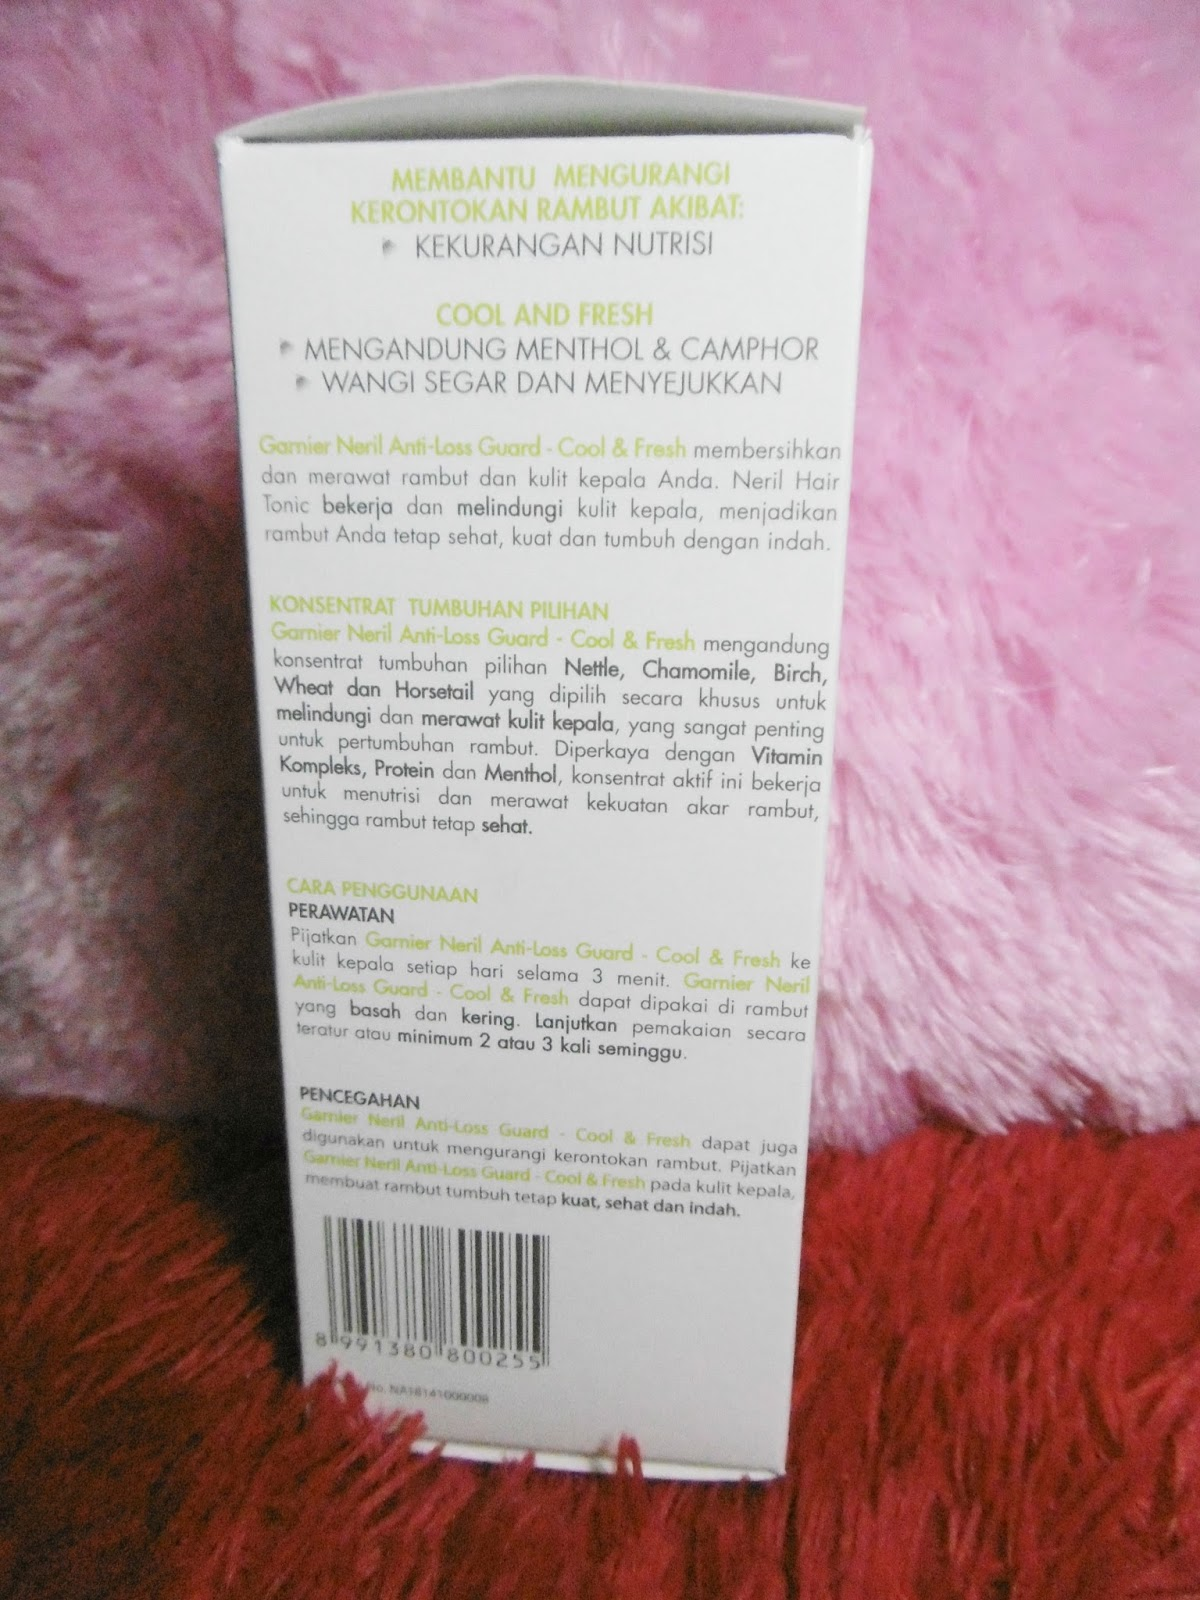 Welcome To Dscovershinta Blog Garnier Neril Hair Tonic Anti Loss Guard 200 Ml Kenapa Aku Lebih Tertarik Dengan Karena Mengandung Konsentrat Tumbuhan Pilihan Nettle Chamomile Birch Wheat Dan Horsetail Yang Dipilih Secara